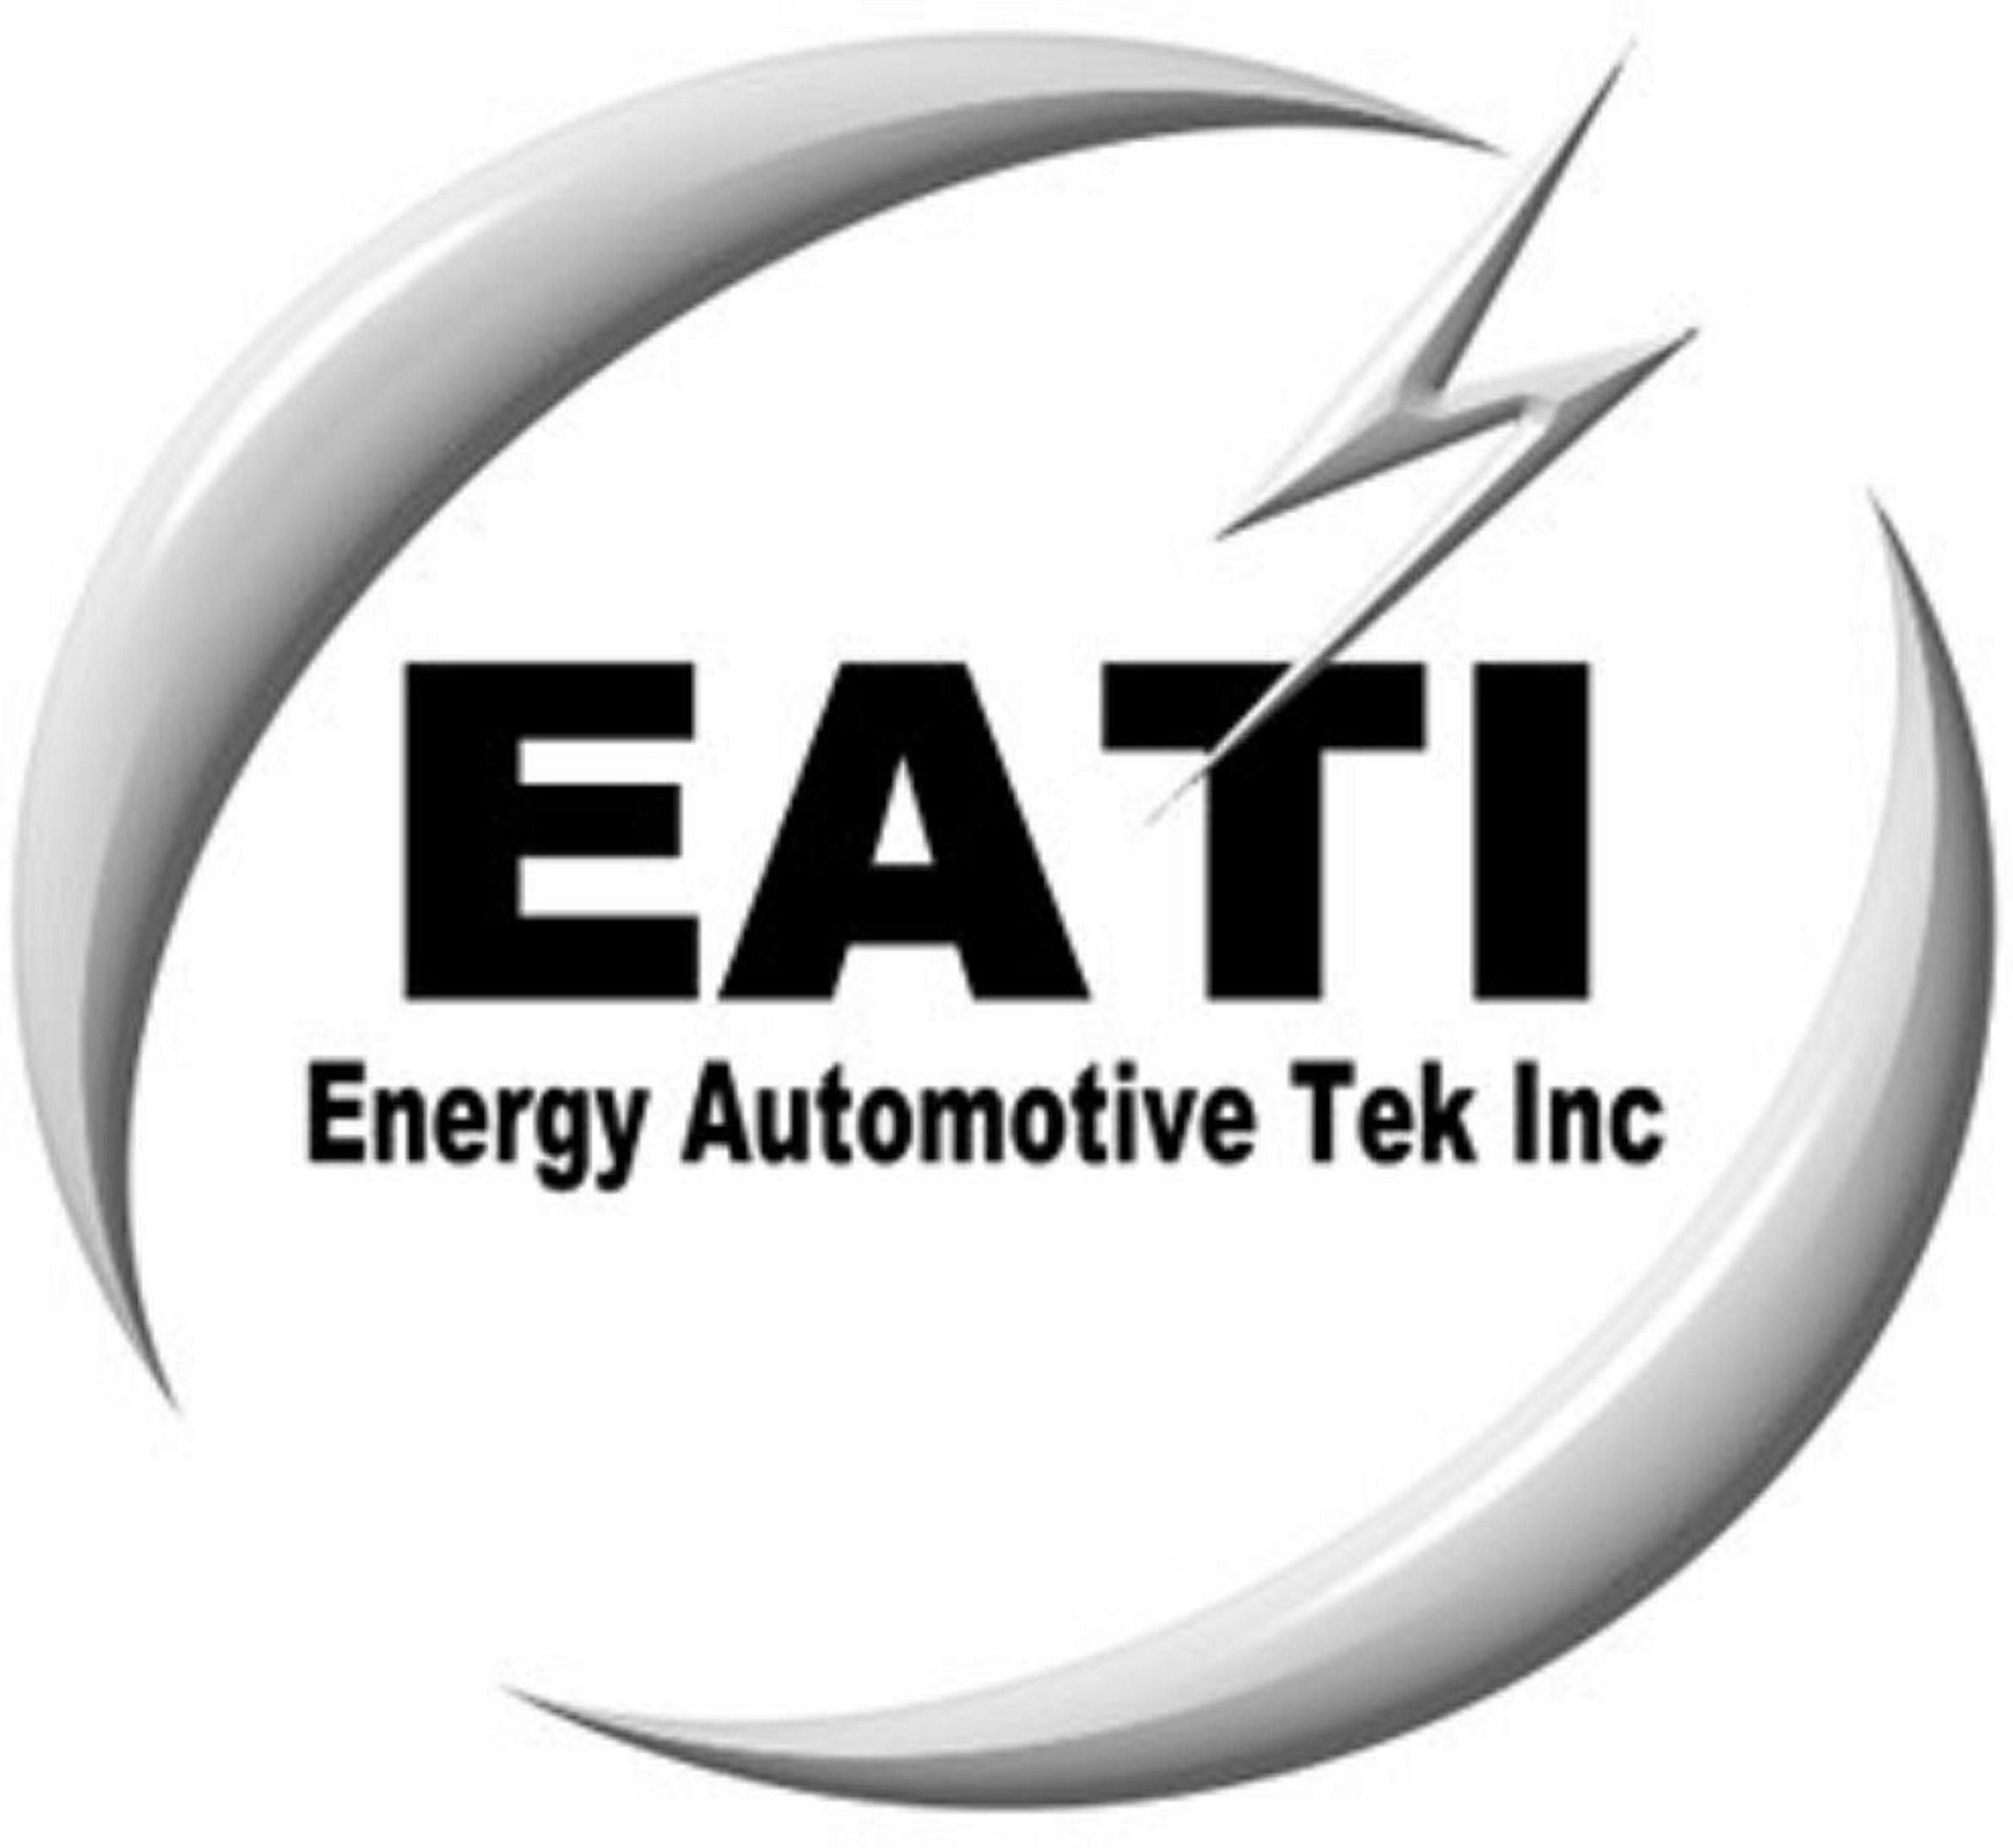 Energy Auto Tek Inc